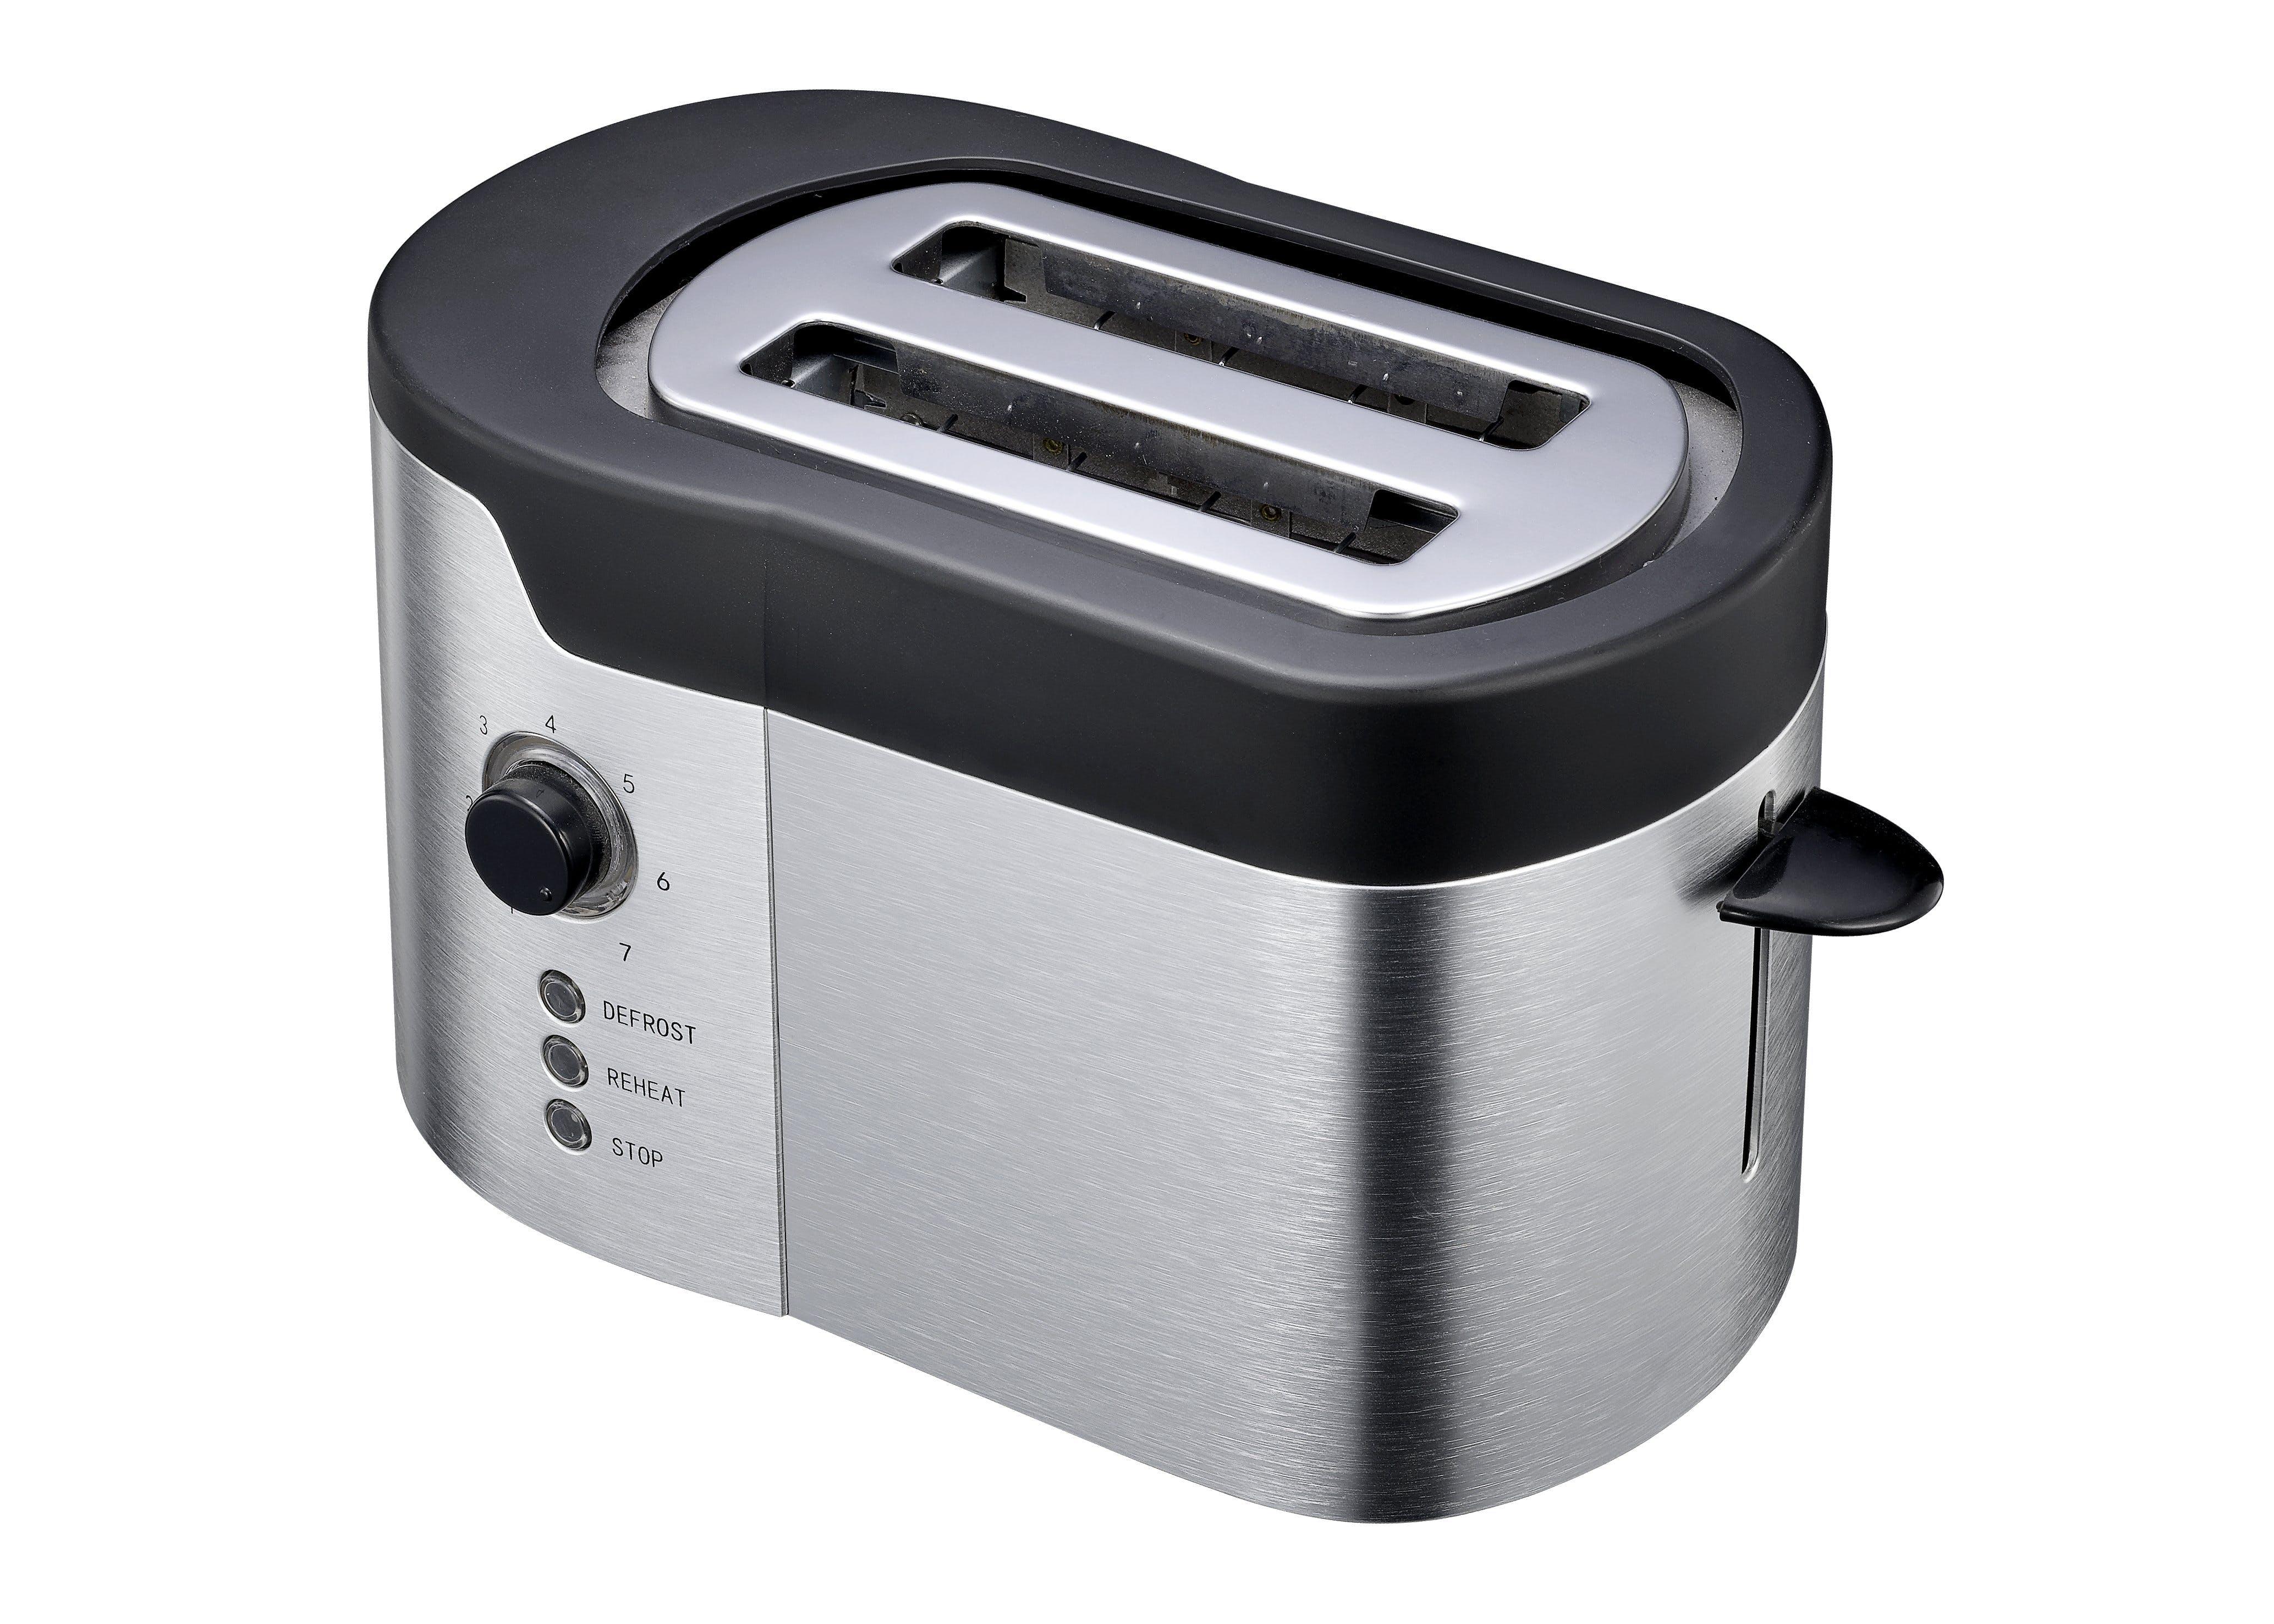 คลังภาพถ่ายฟรี ของ เครื่องปิ้งขนมปัง, เครื่องใช้ไฟฟ้า